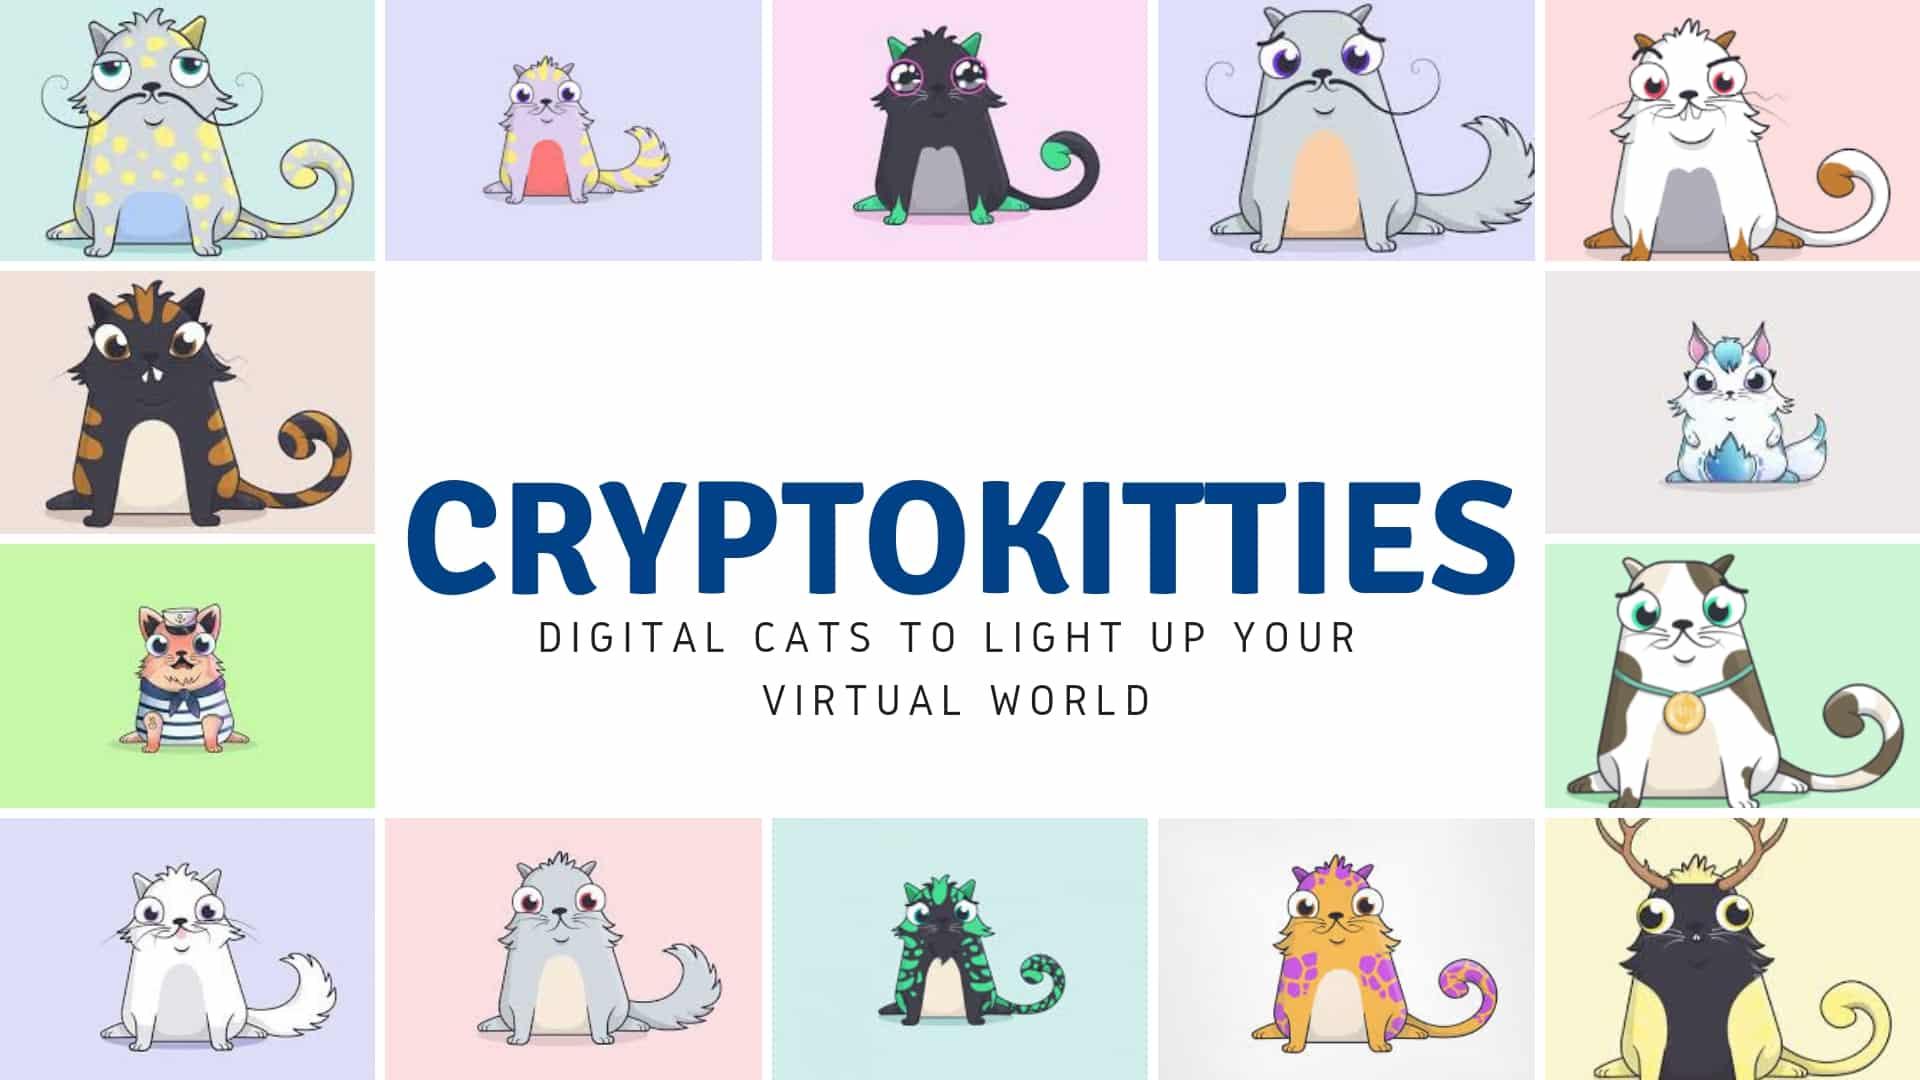 كسب المال من لعبة Cryptokitties القائمة على الإيثريوم